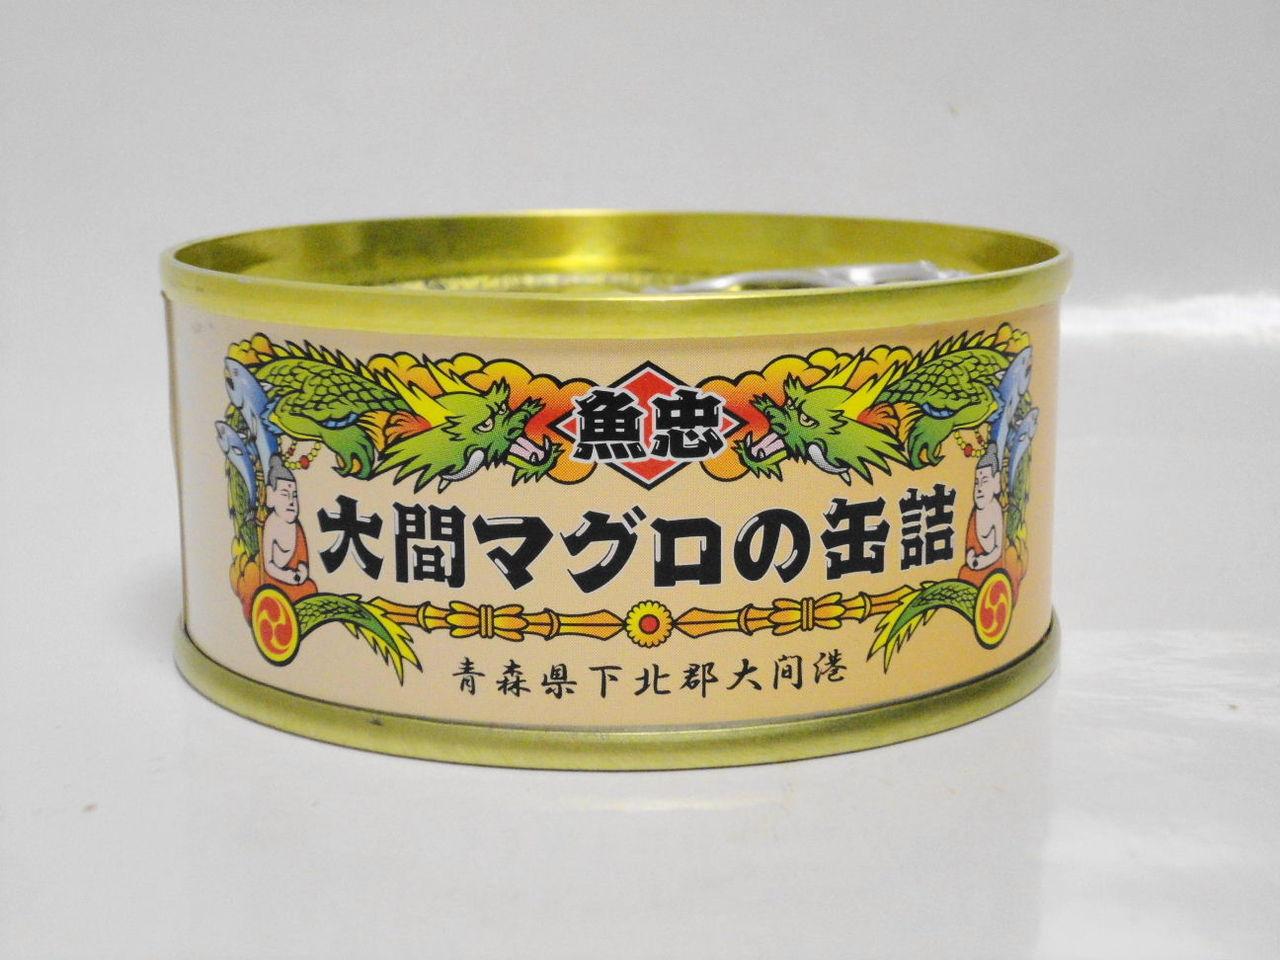 食べモノズキ:【缶詰】大間まぐ...